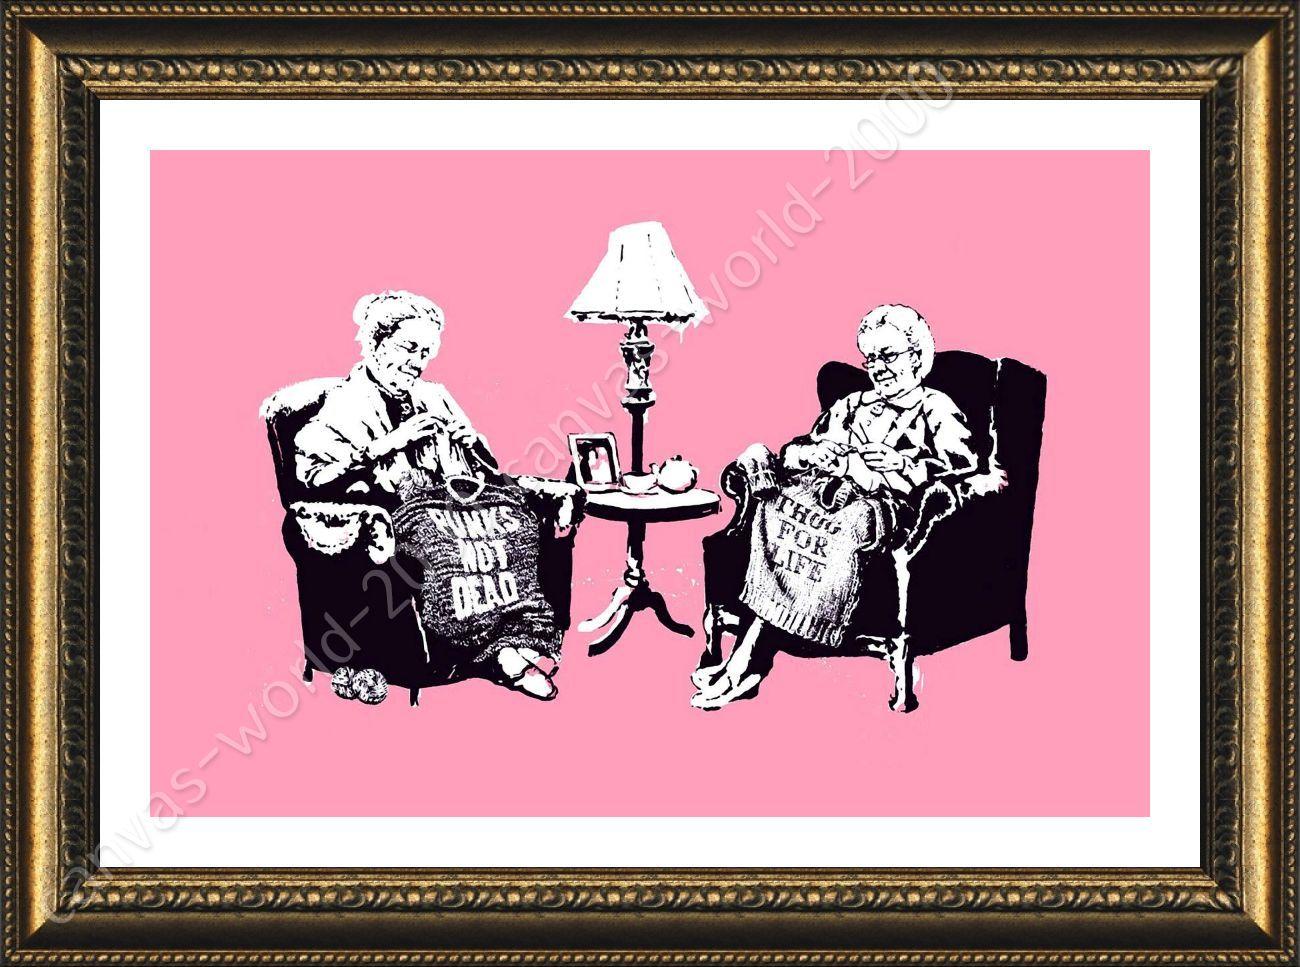 FRAMED Poster Old Women Knitting Banksy For Living Room Framed ...